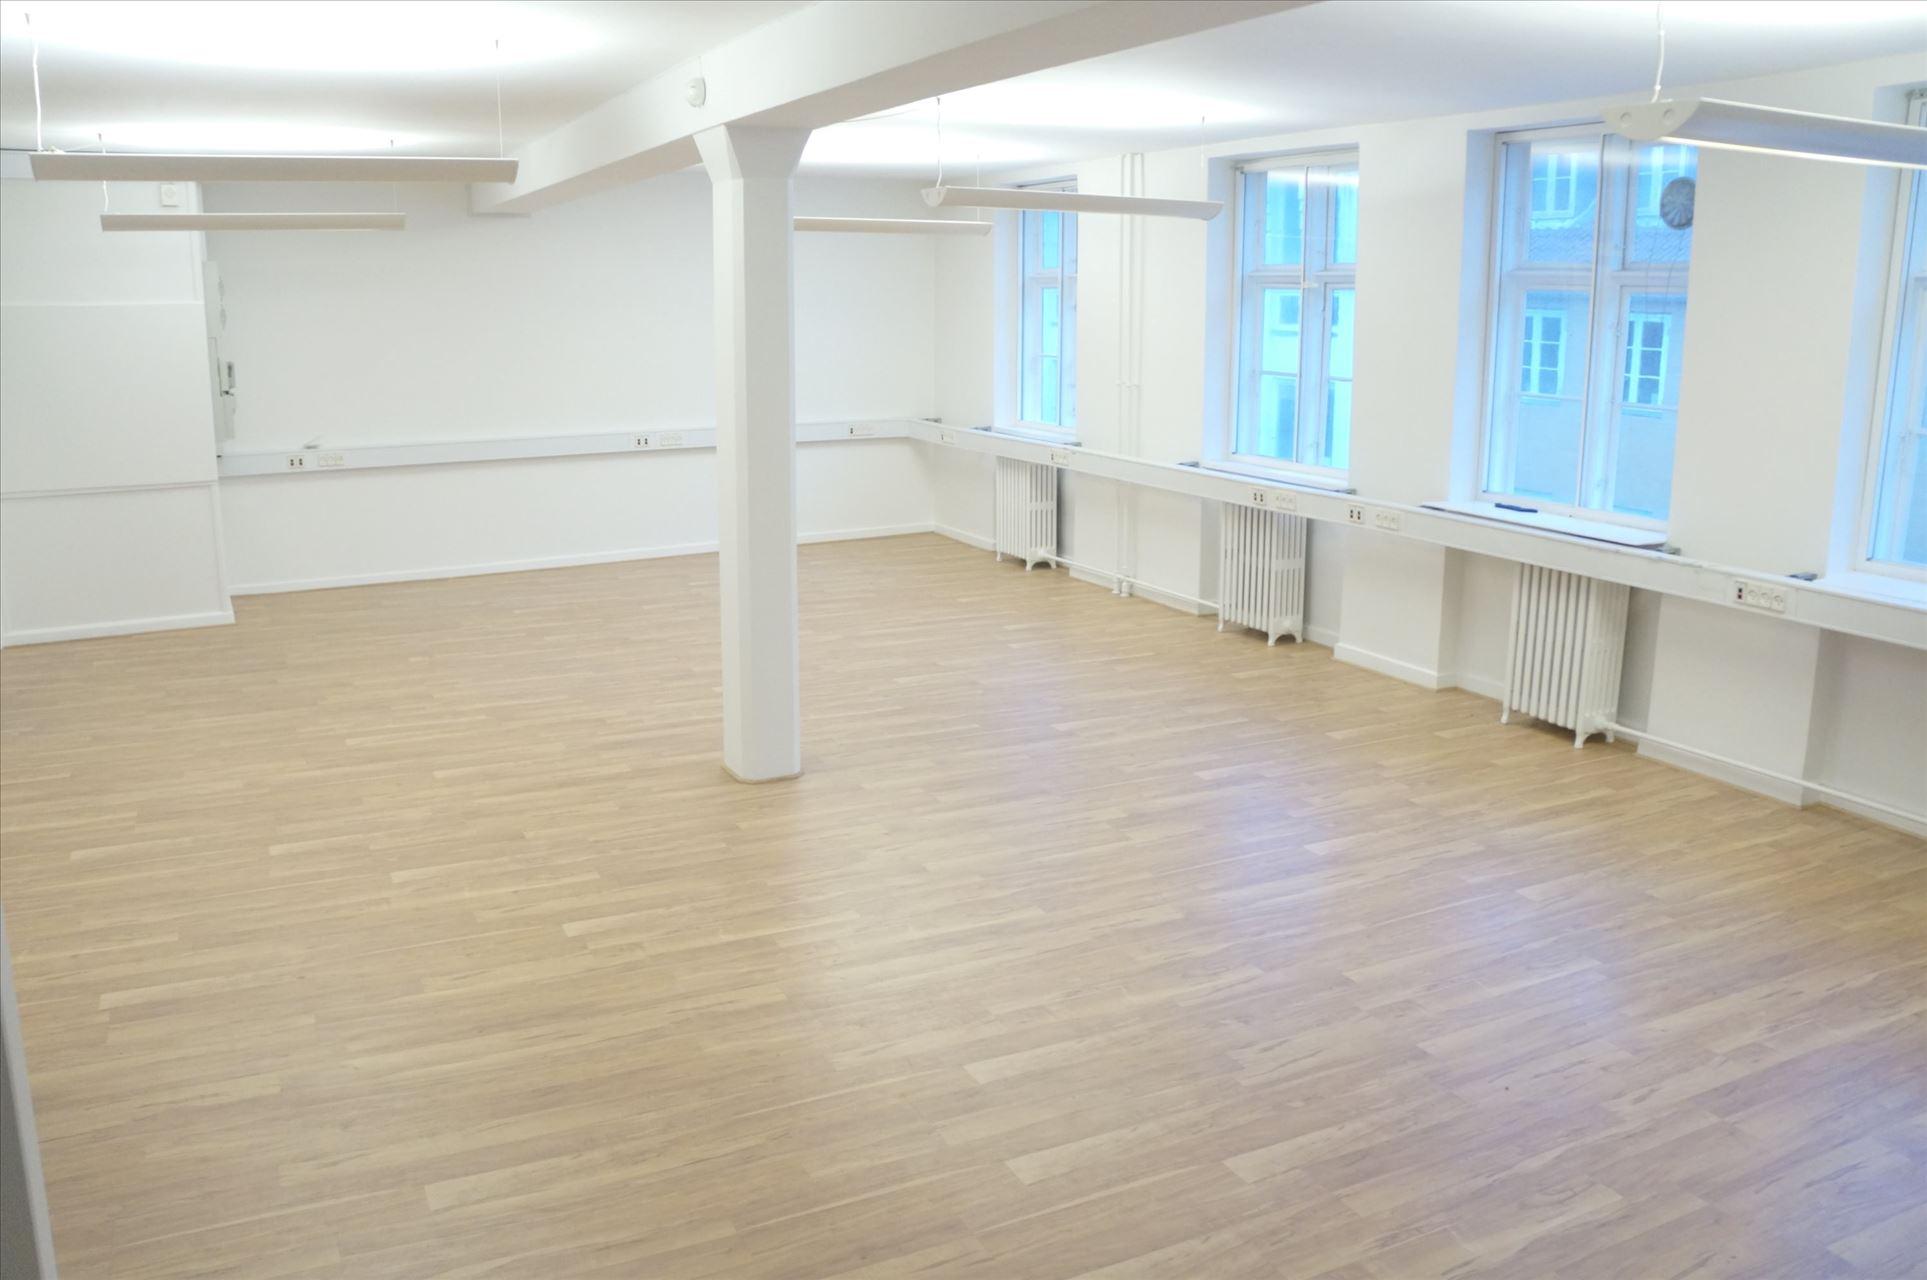 140 m² hyggeligt kontor